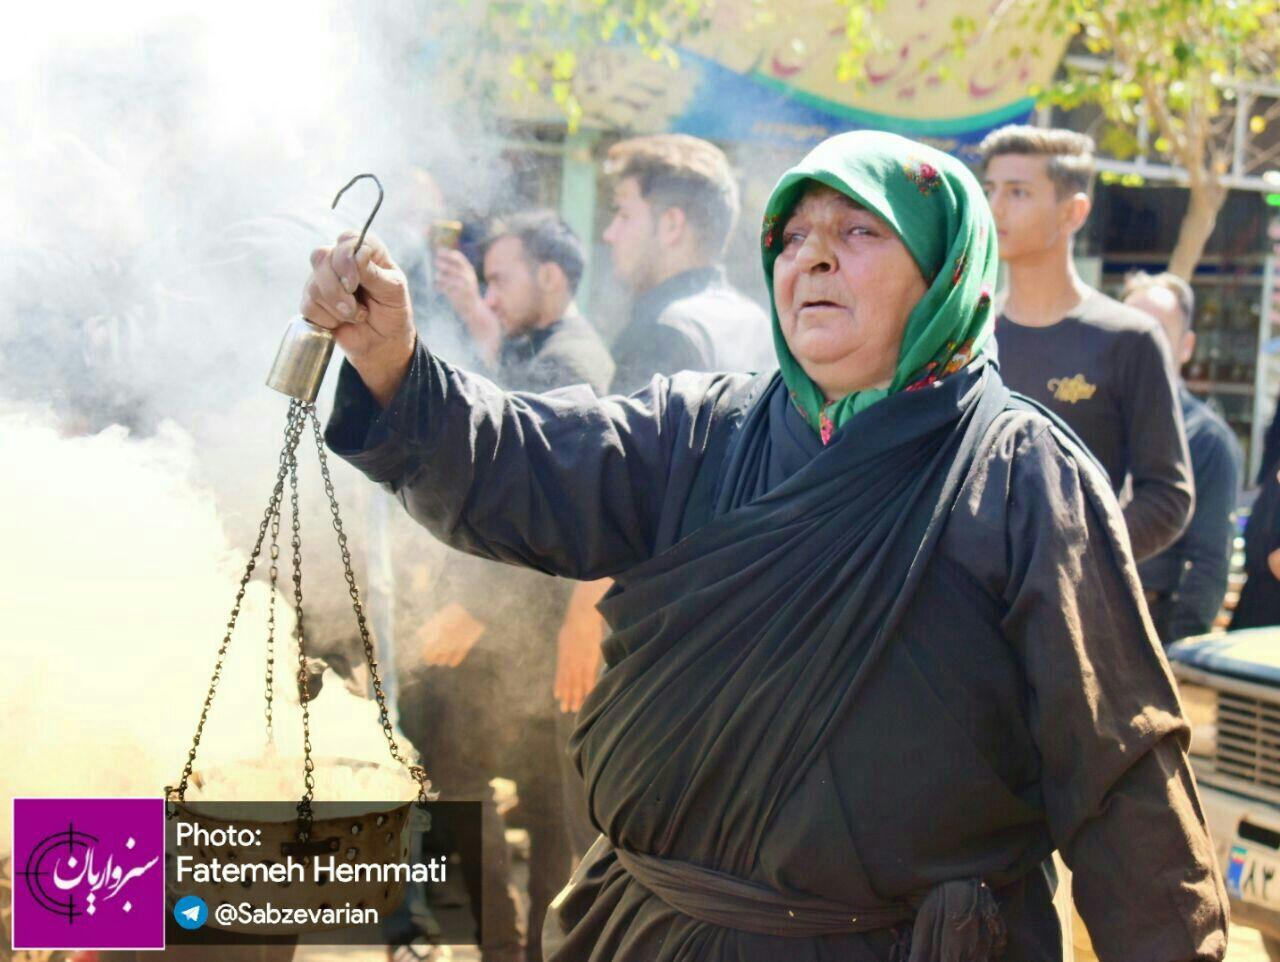 گزارش تصویری از مراسم عزاداری مردم سبزوار در روز یازدهم محرم